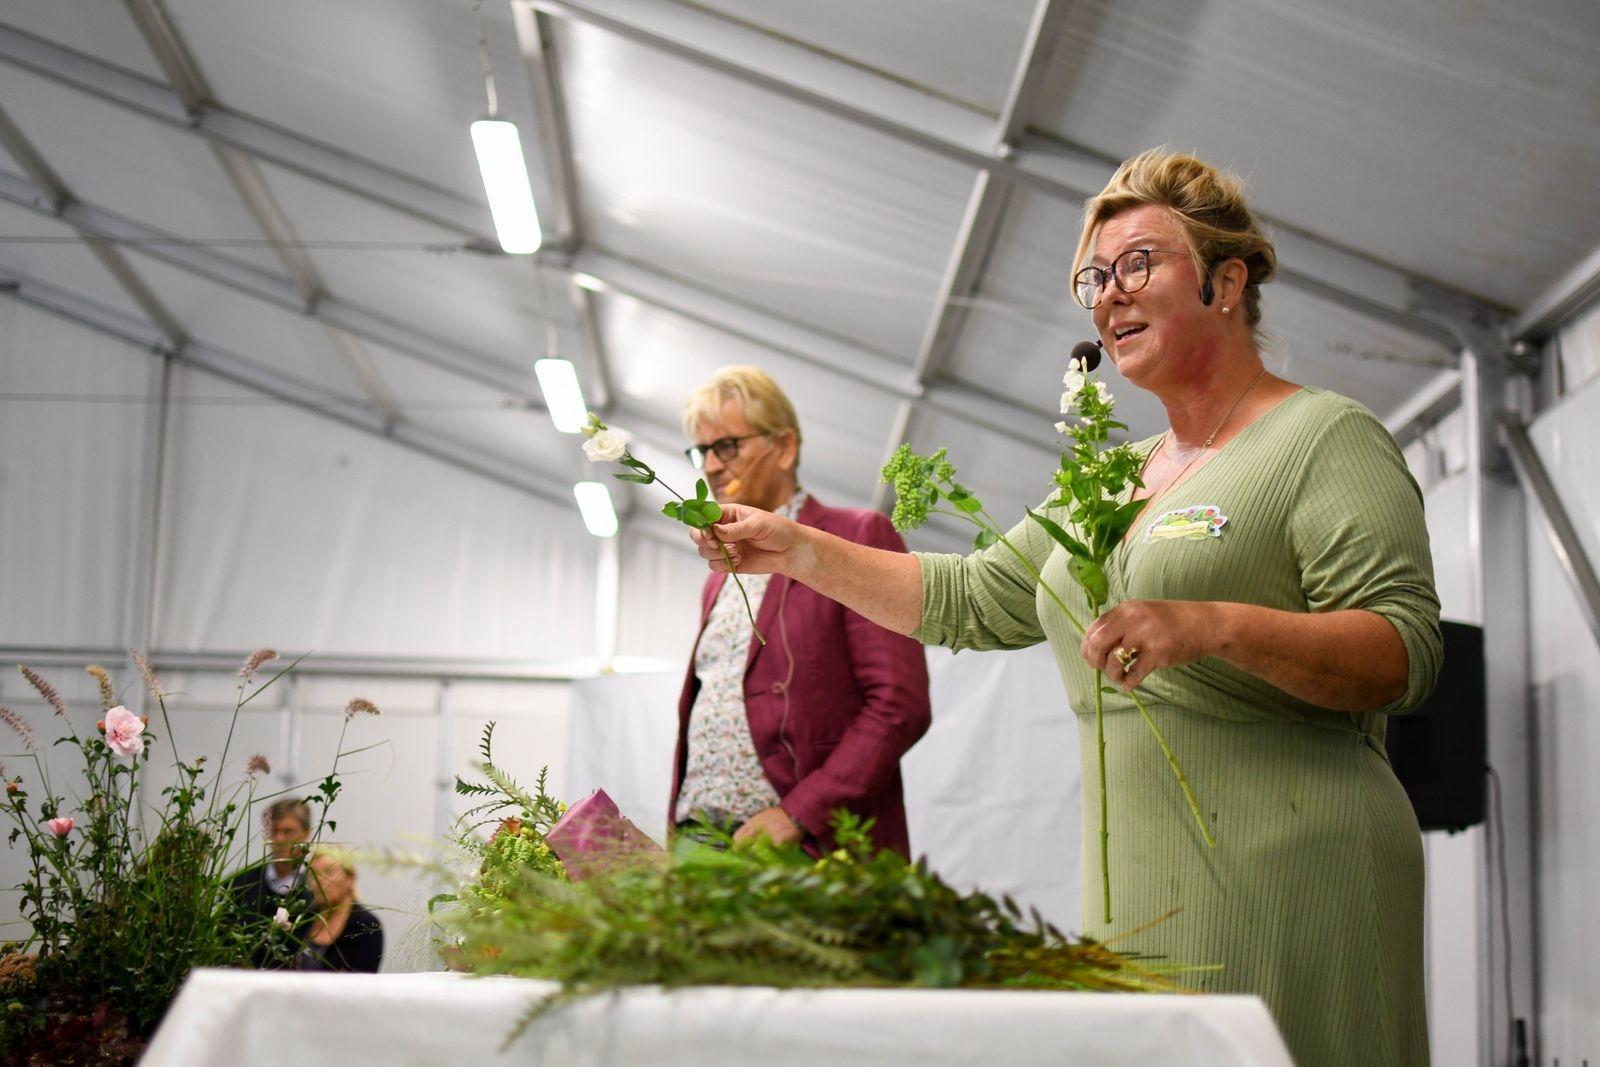 Linda Persson från Systrarna Lindskog höll en workshop inne i mässtältet där hon delade med sig av tips och råd kring konsten av binda en vacker bukett.